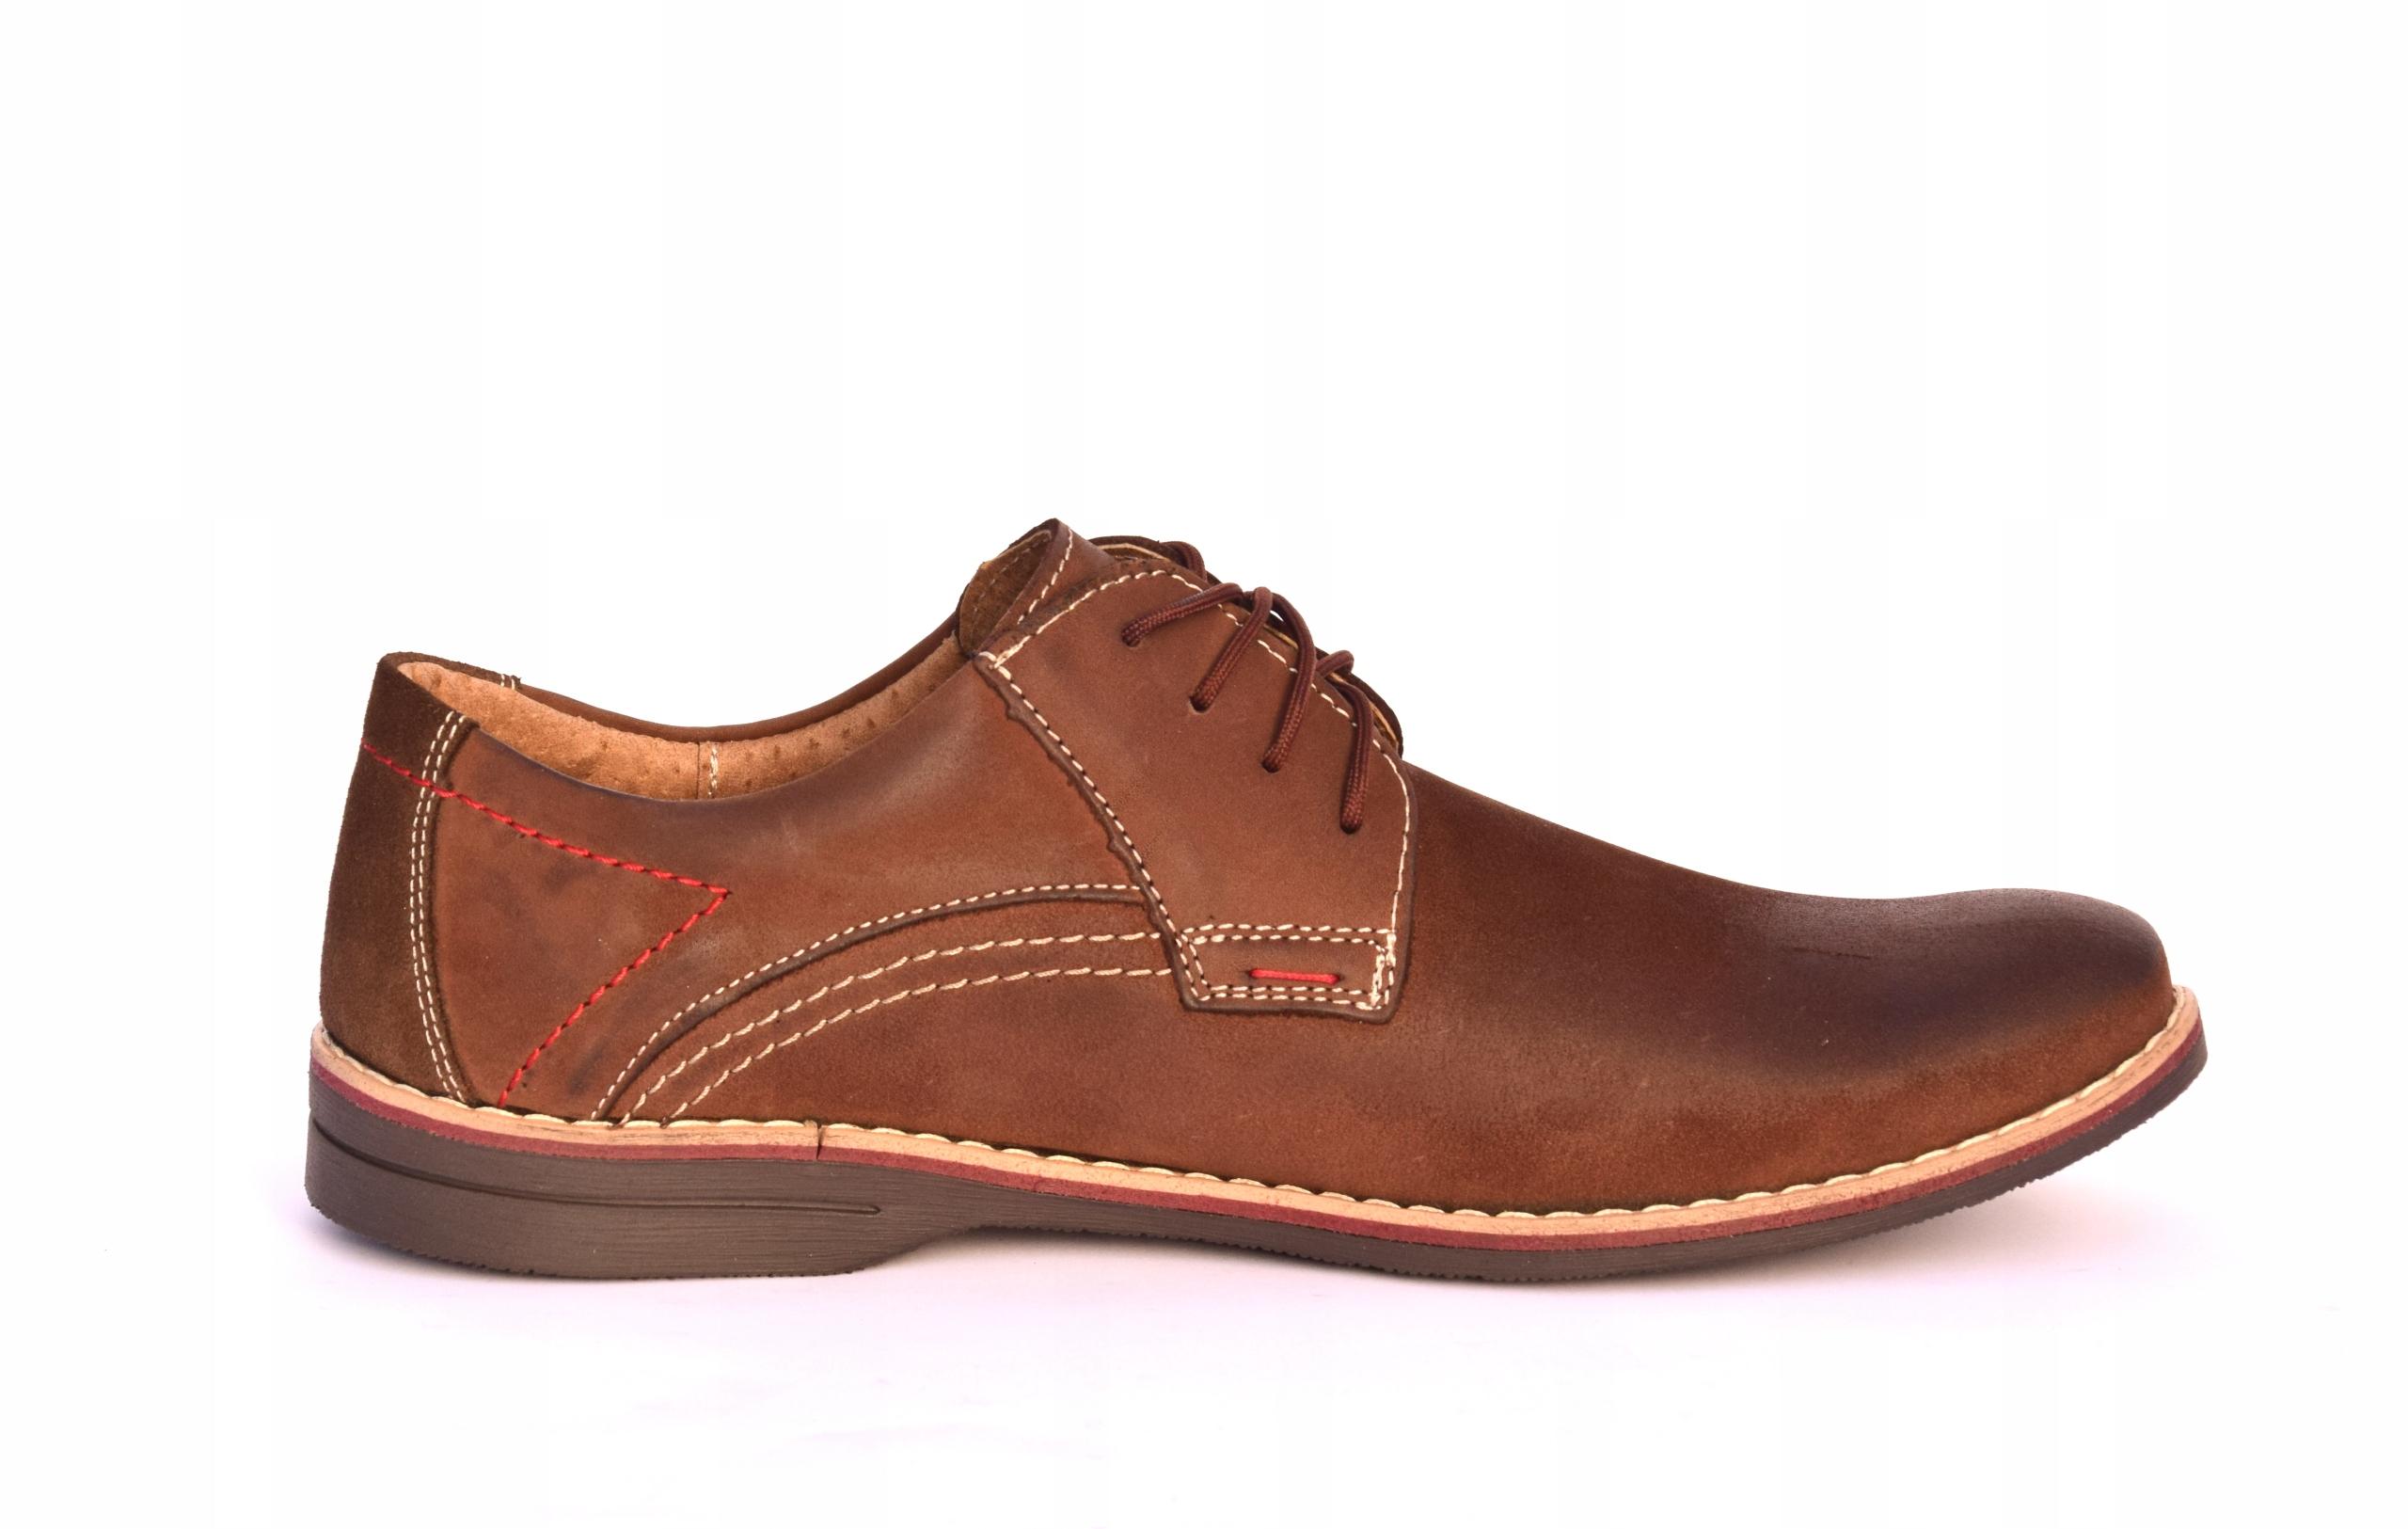 Buty męskie brązowe obuwie skórzane polskie 242 Długość wkładki 27 cm